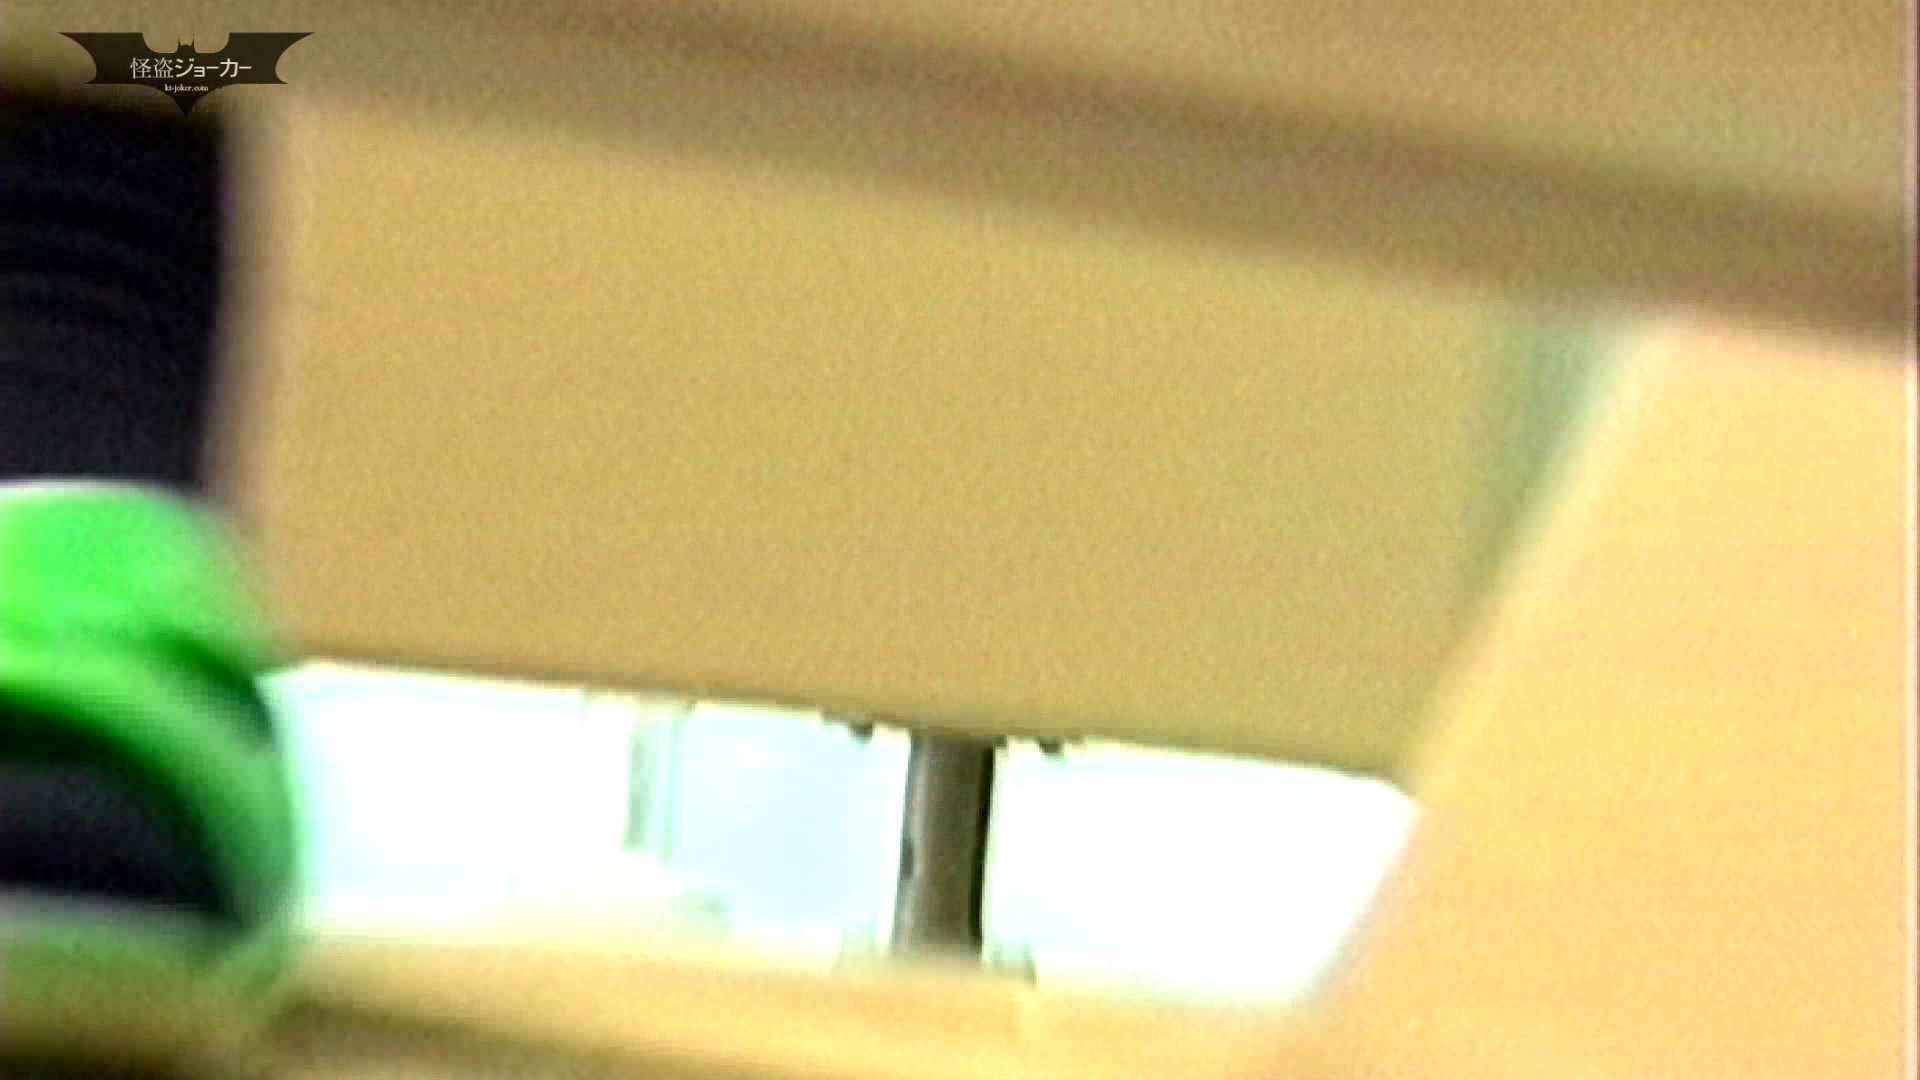 女の子の休み時間のひととき Vol.06 盗撮 おまんこ無修正動画無料 70PIX 54